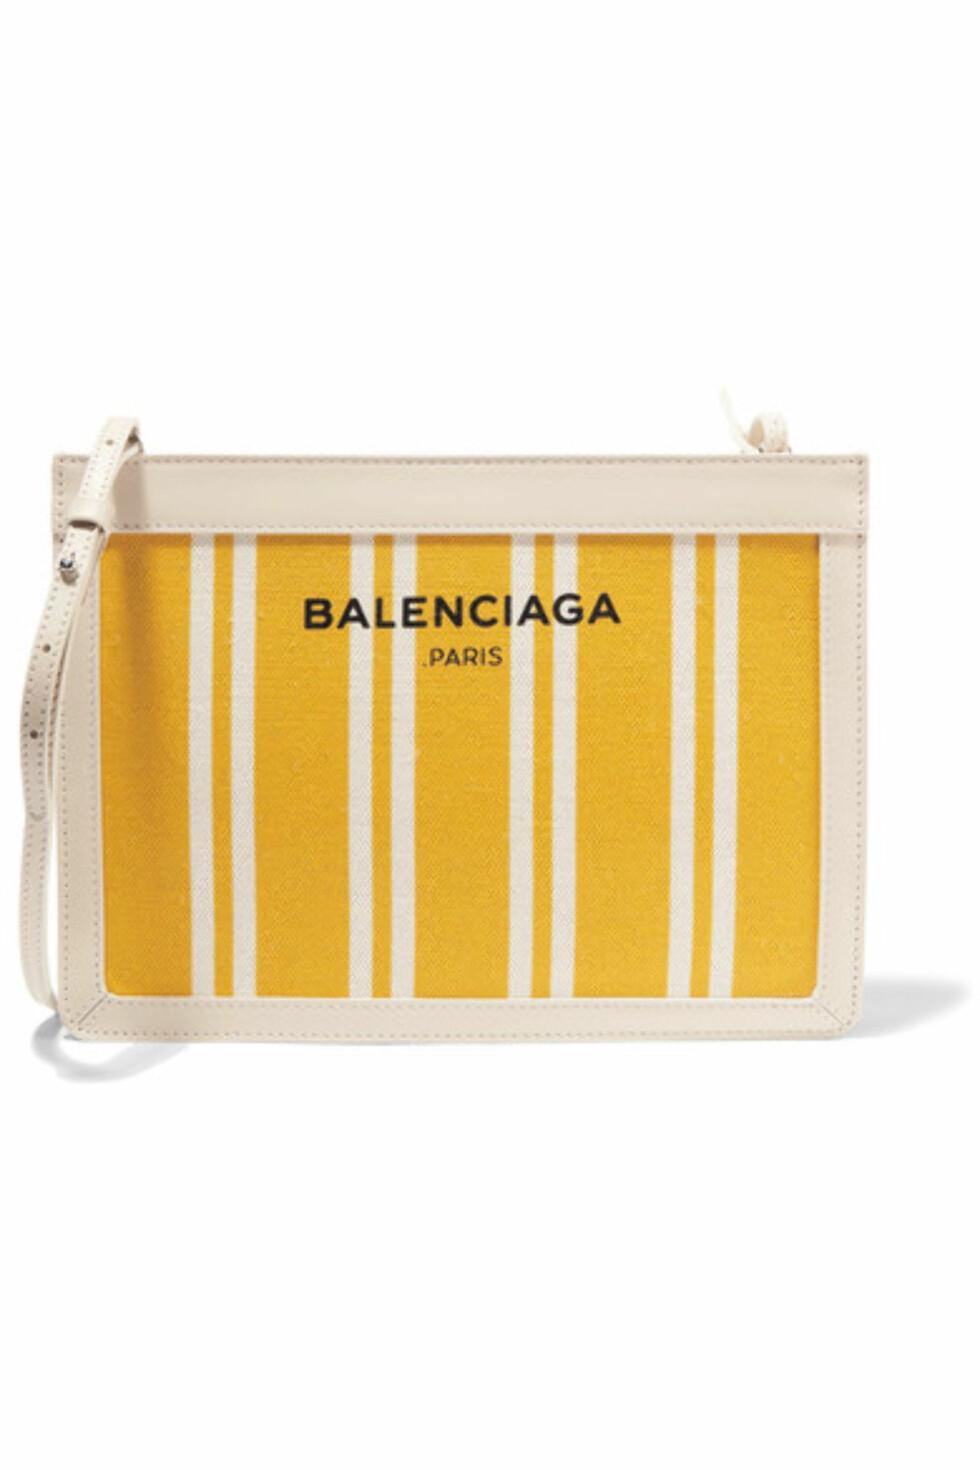 Veske fra Balenciaga via Net-a-porter.com | kr 6280 | http://apprl.com/en/pd/4Krr/